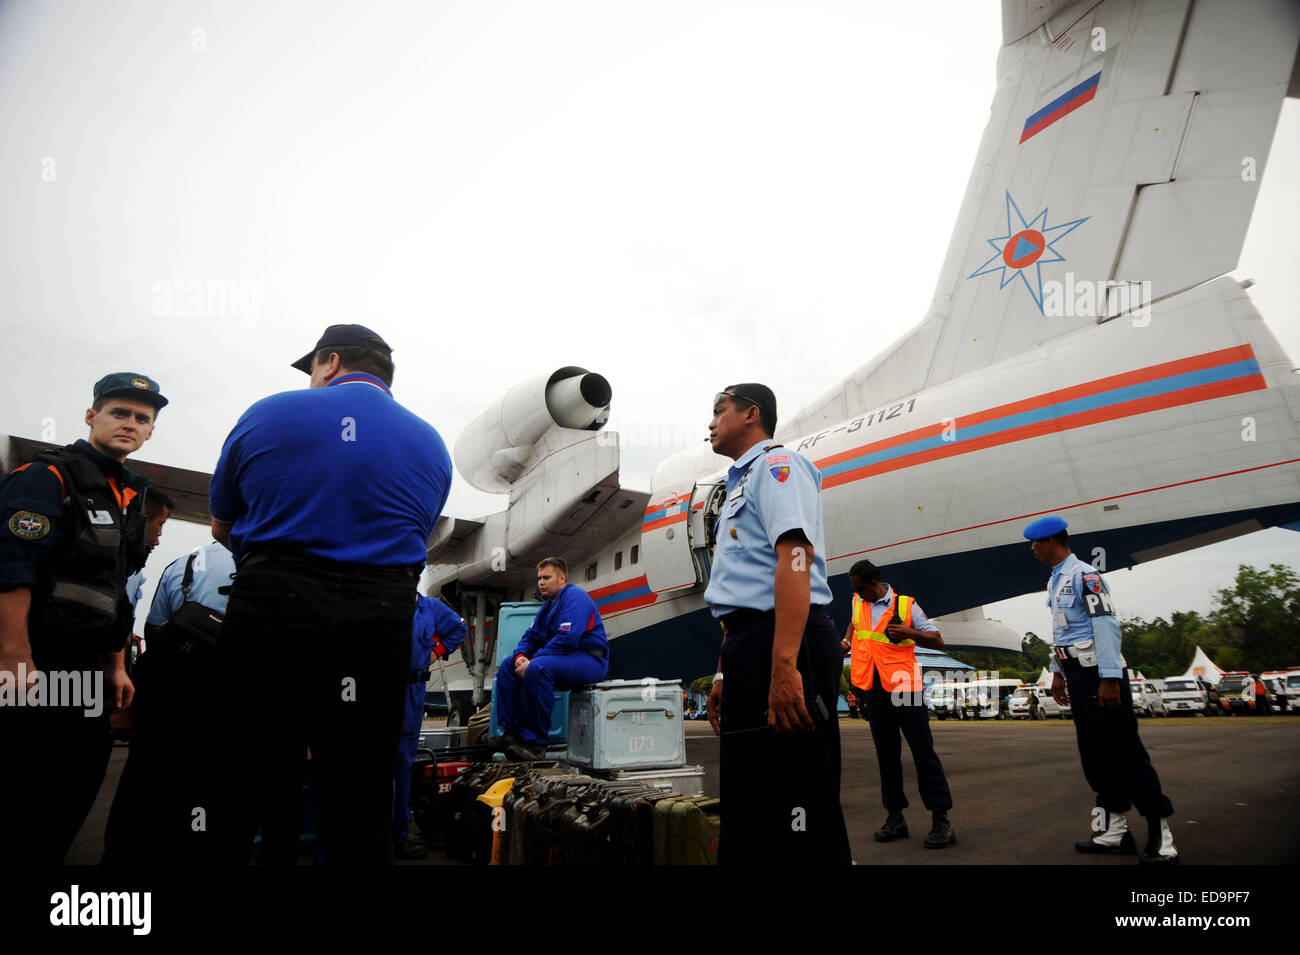 Pangkalan Bun, Indonesia. 3rd Jan, 2015. Crew members of a Russian amphibious plane is seen at Pangkalan Bun Airport - Stock Image